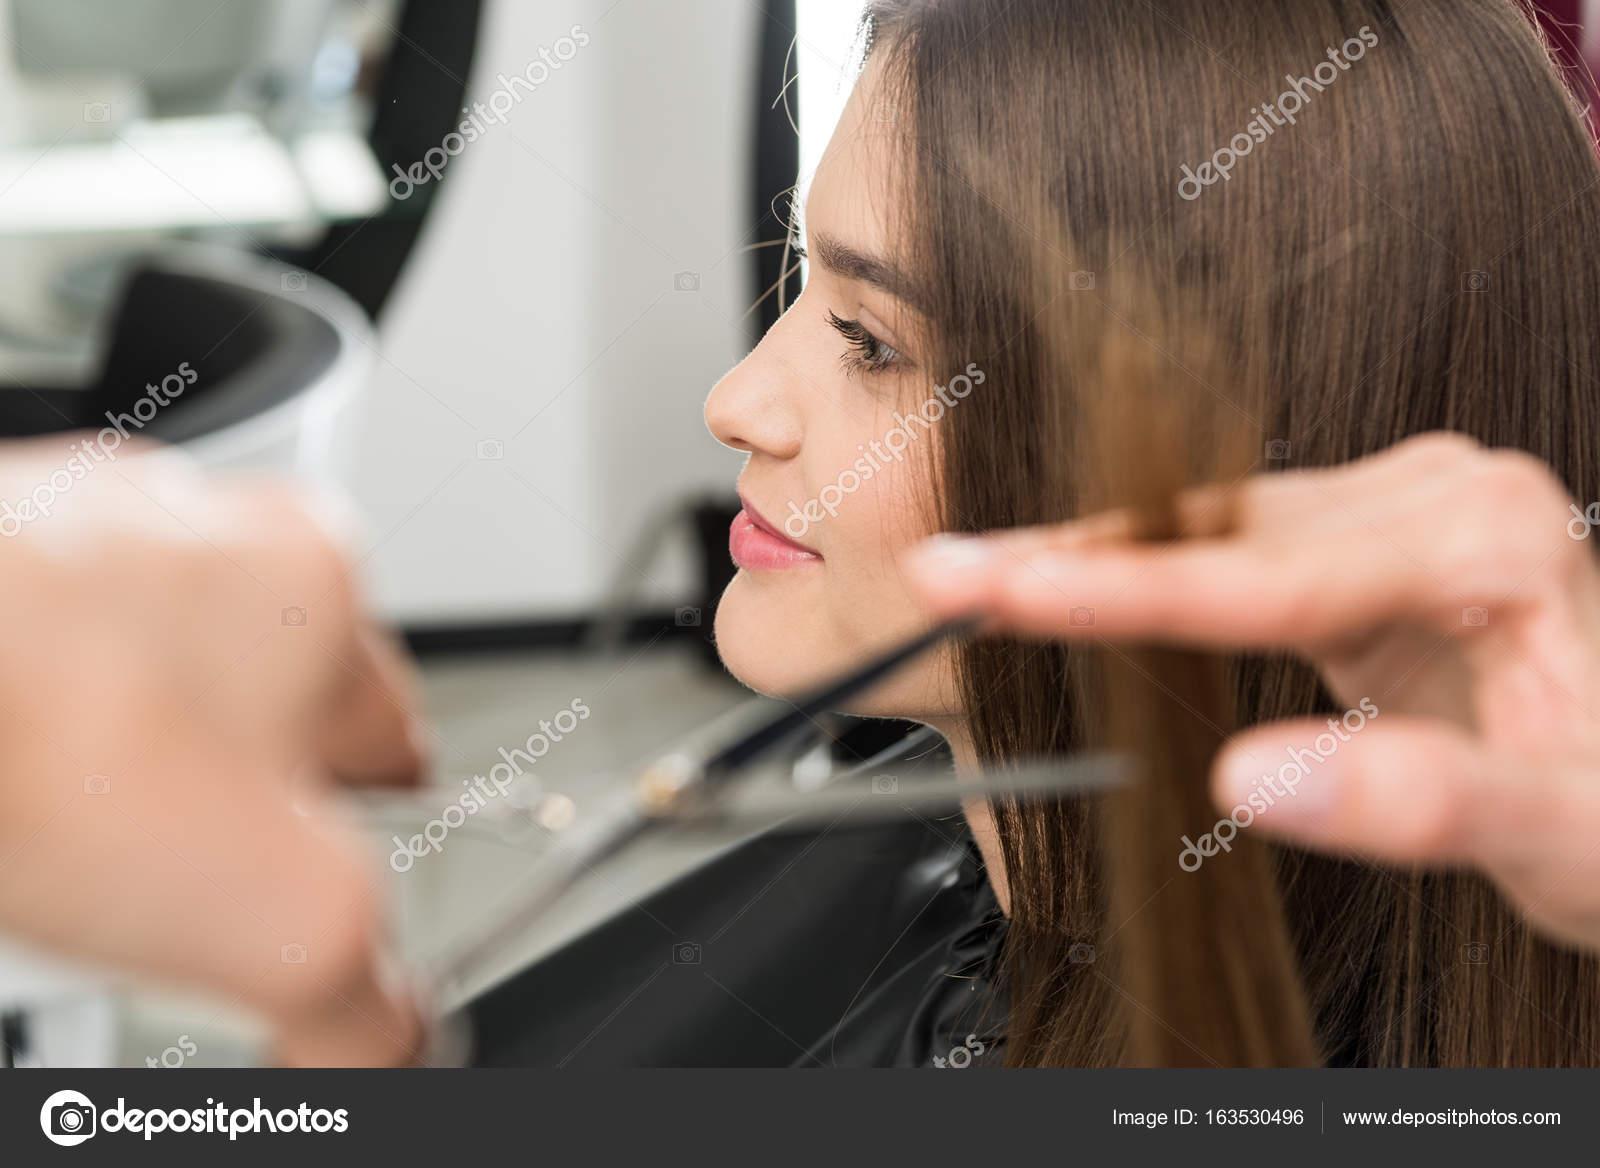 Friseur Haare schneiden von Frau  Stockfoto  DimaBaranow